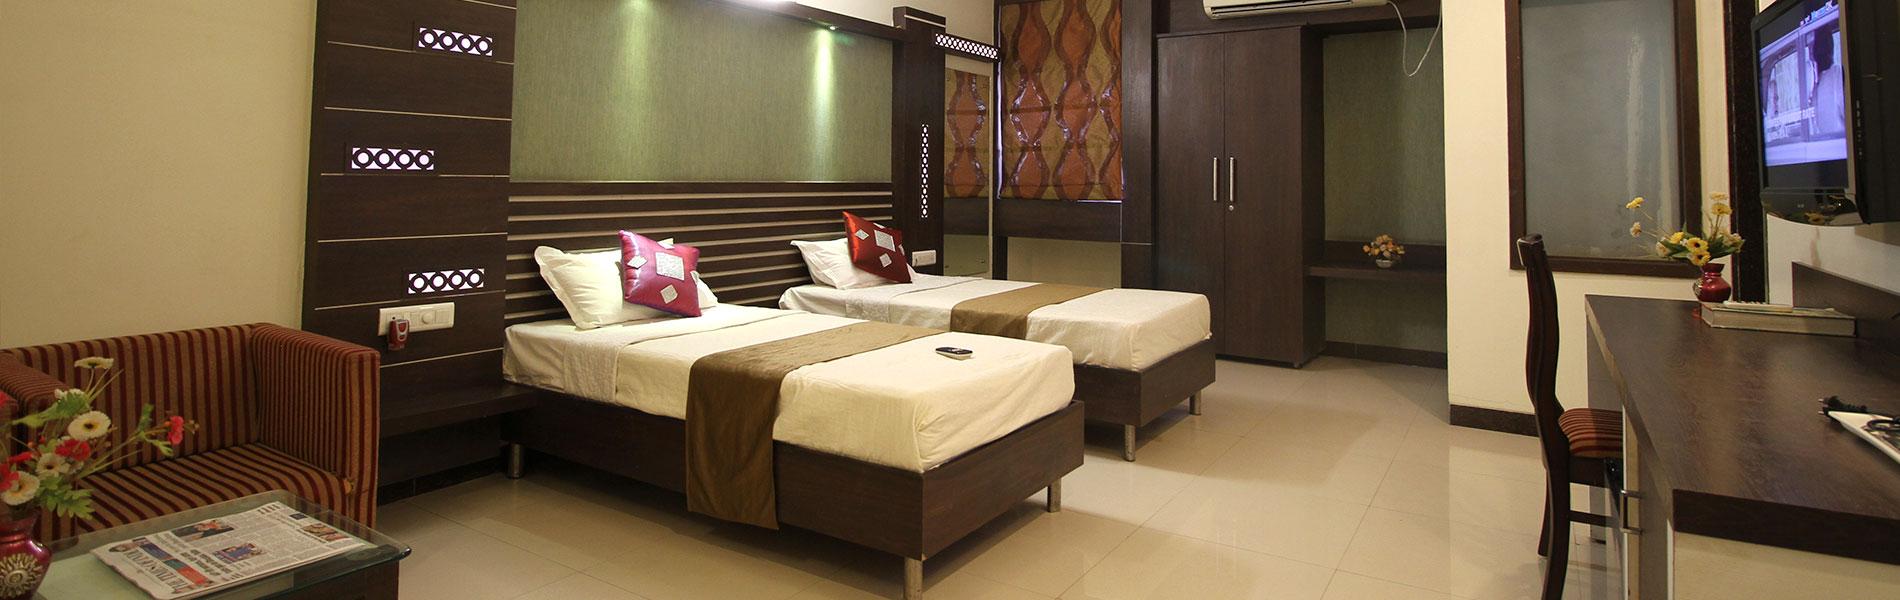 rooms_a1